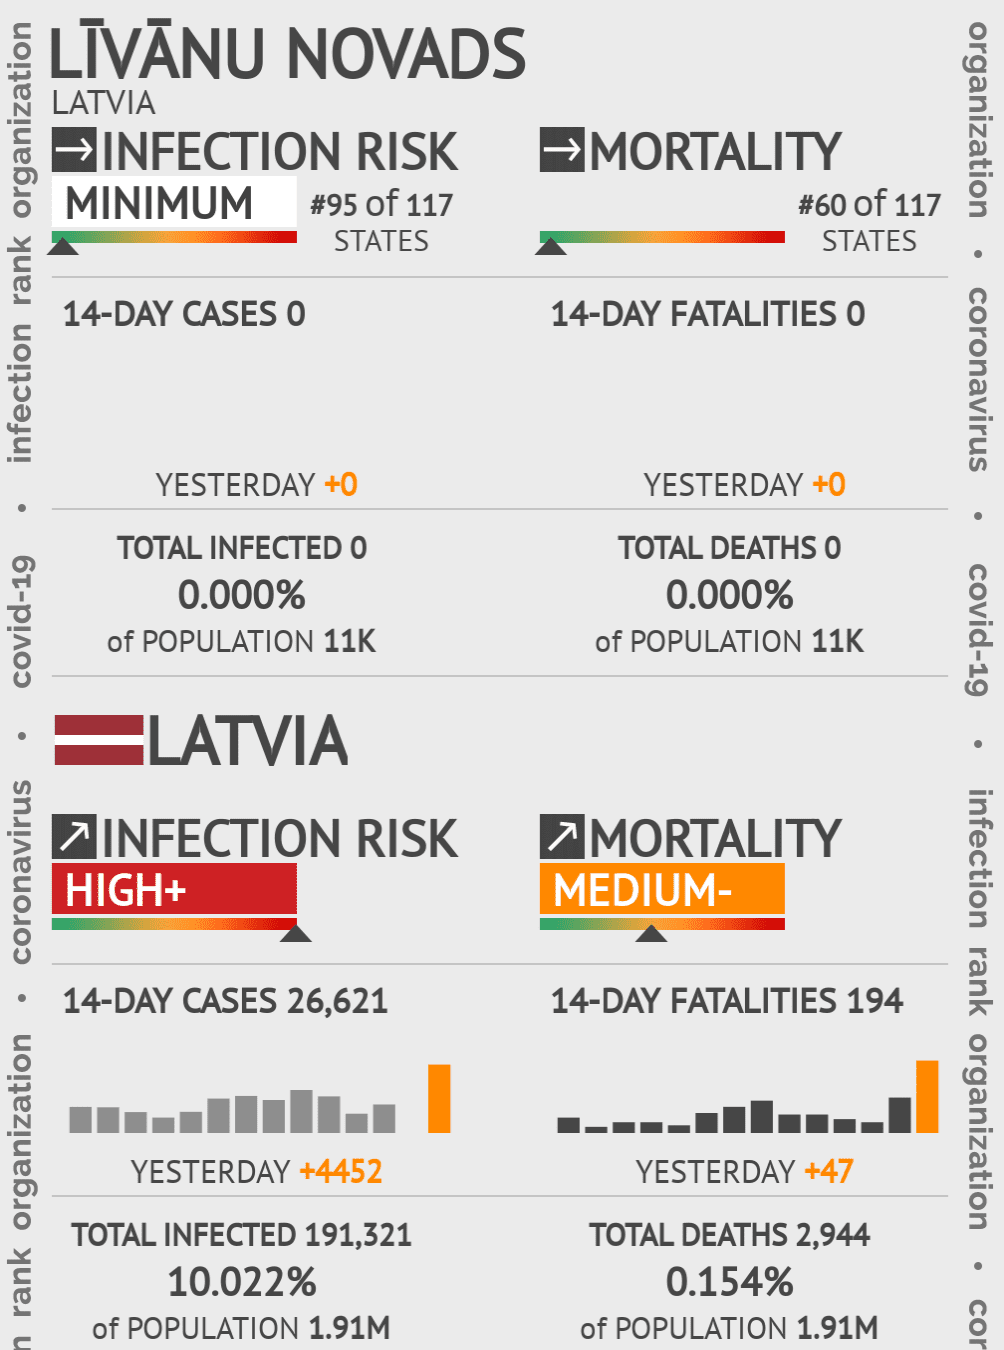 Līvānu novads Coronavirus Covid-19 Risk of Infection on May 06, 2020